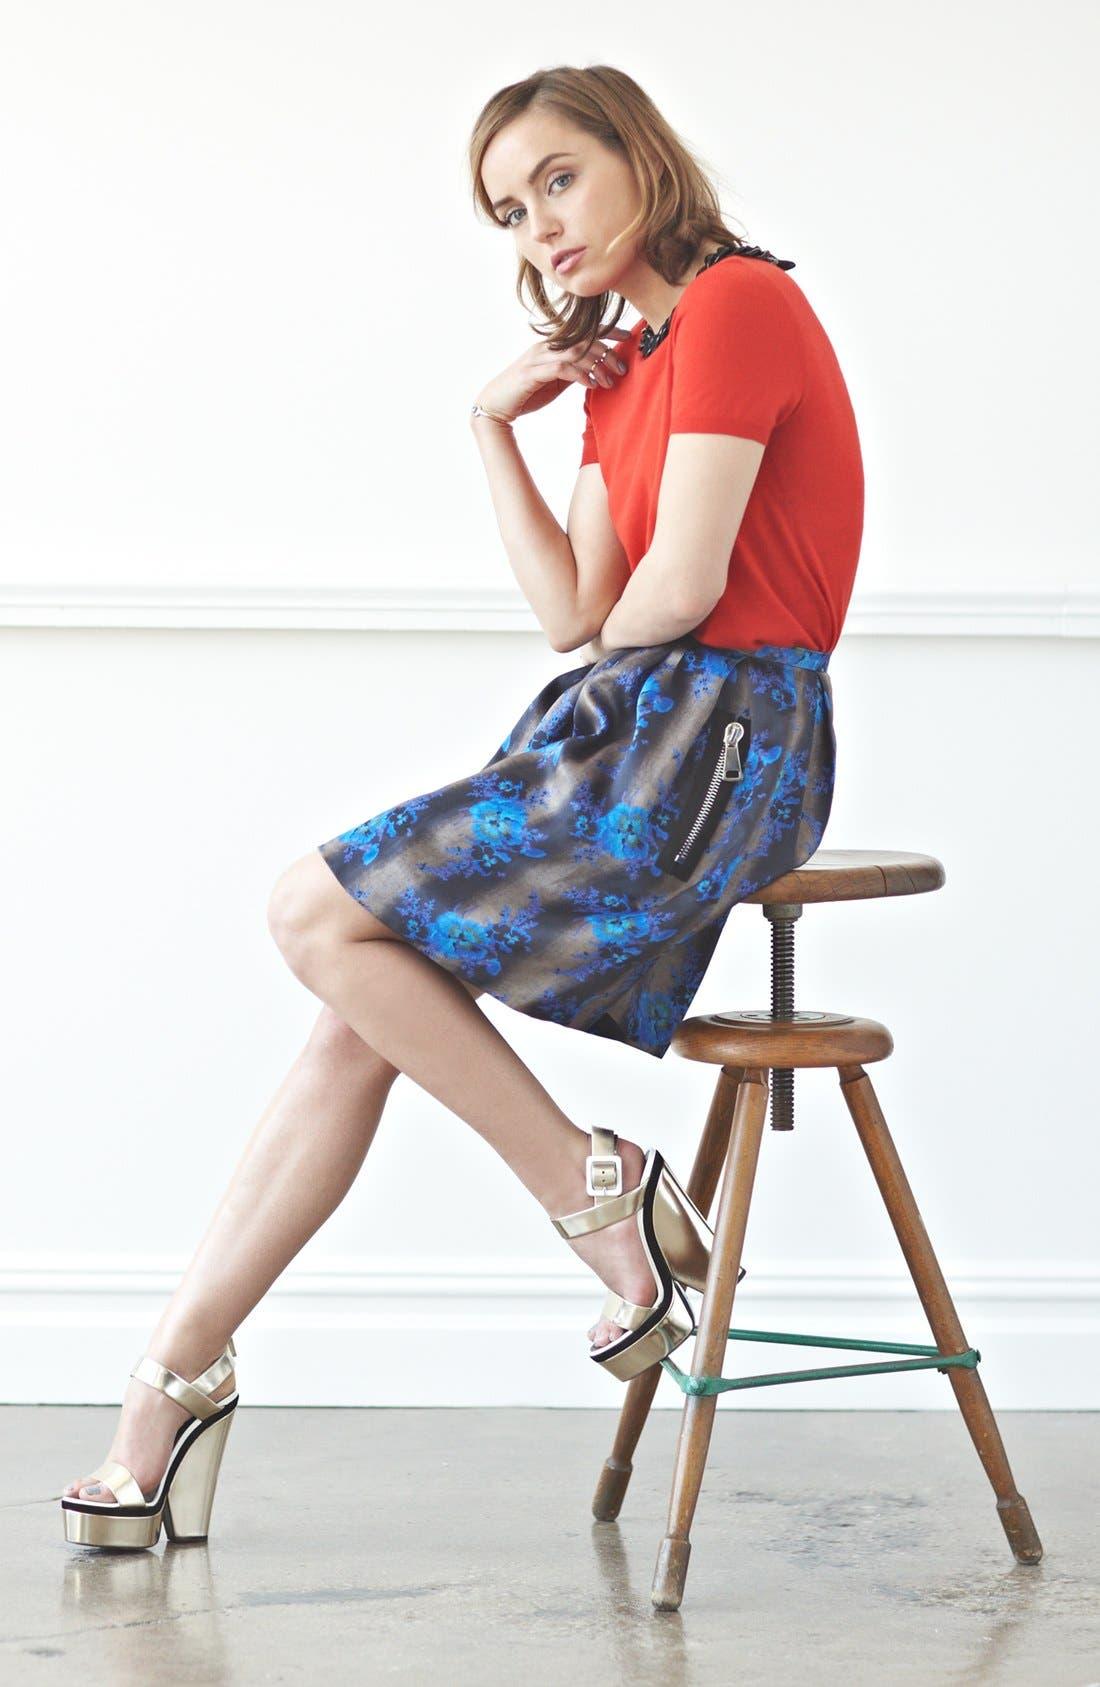 Main Image - Moschino Cheap & Chic Top & Christopher Kane Skirt